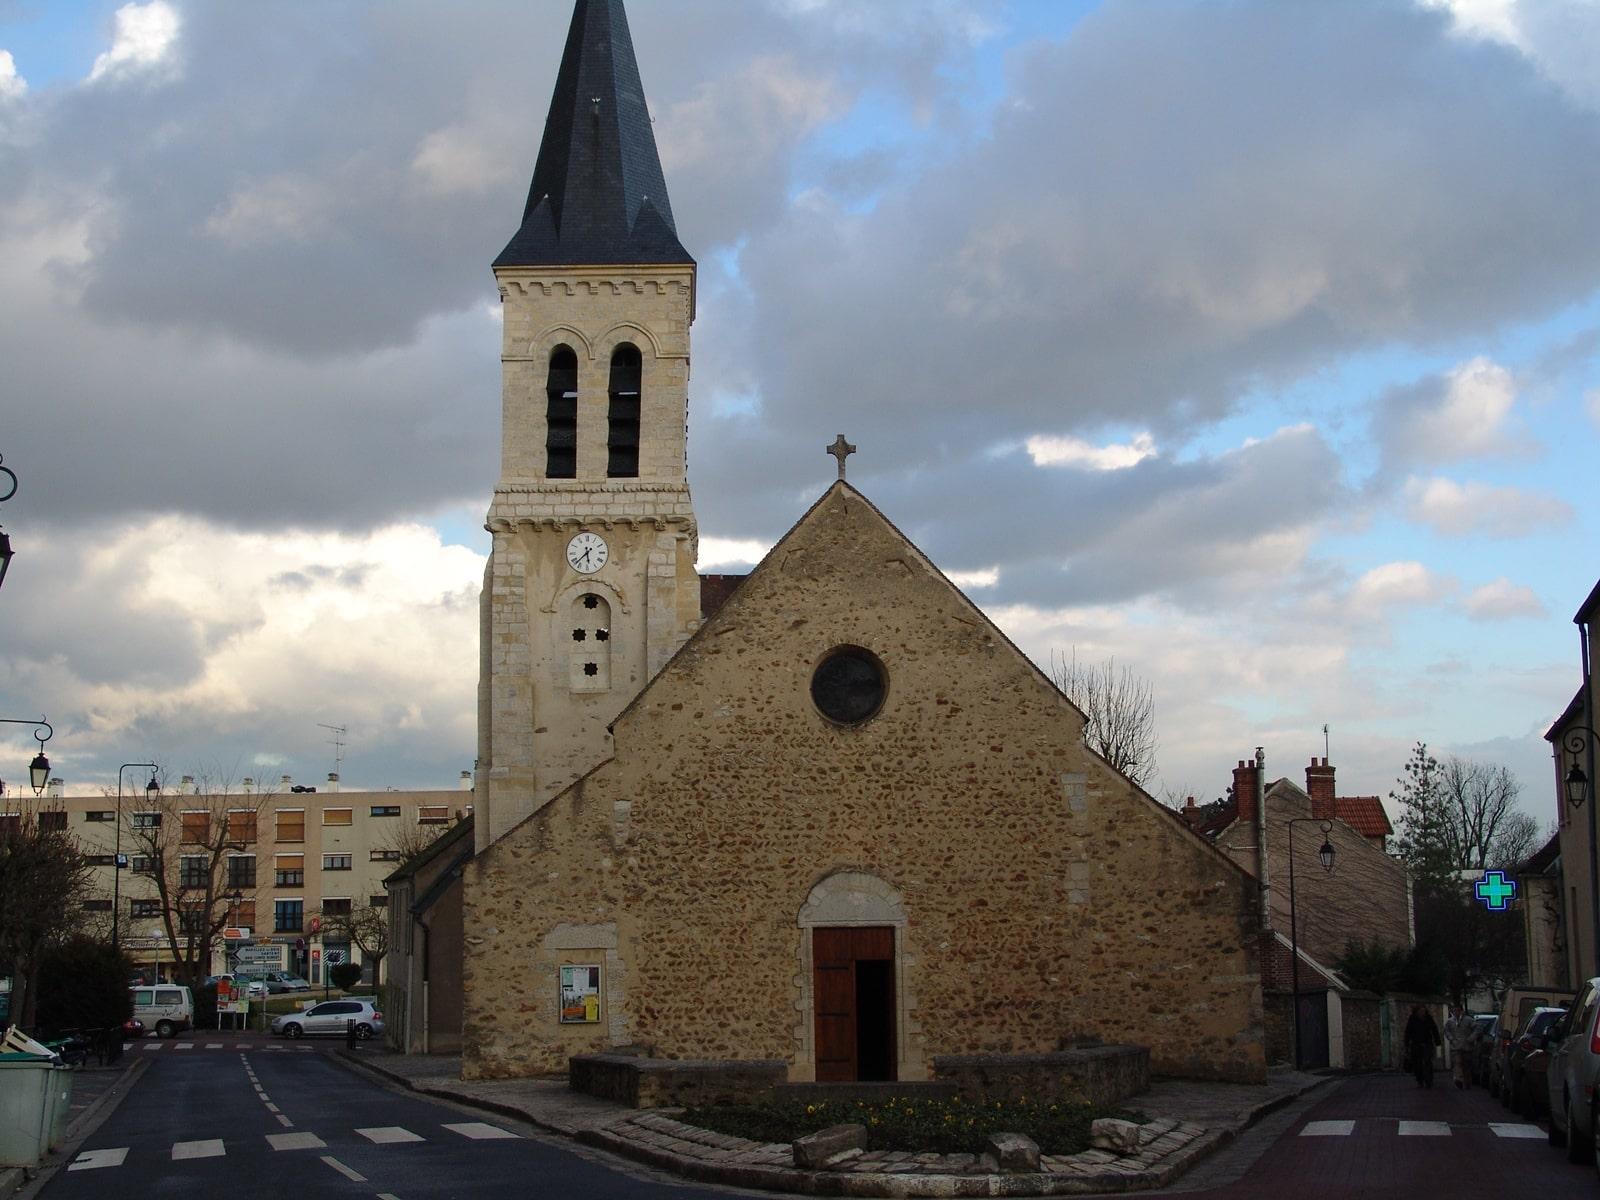 Eglise-Villecresnes-3